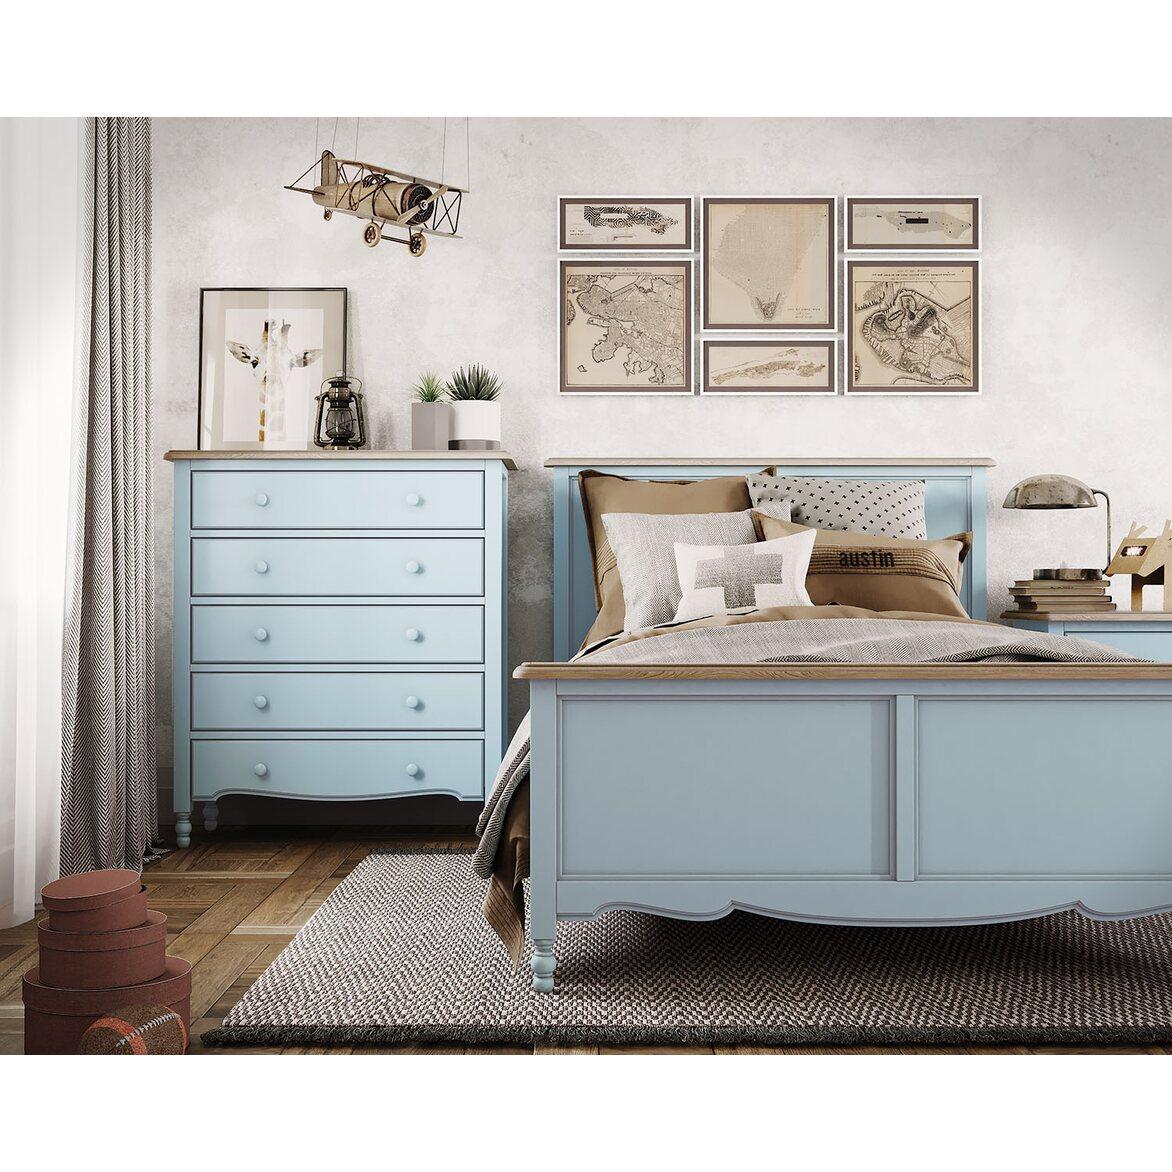 Письменный стол с 3-я ящиками Leblanc, голубой 6 | Письменные столы Kingsby